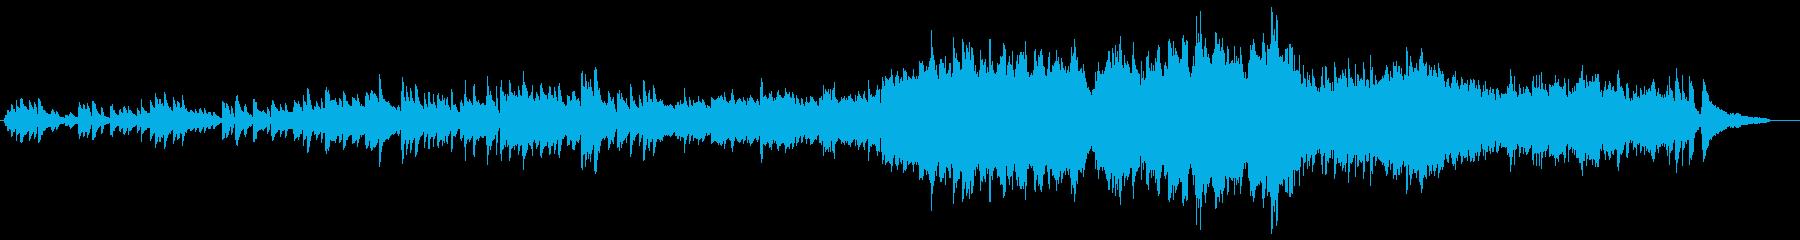 旅の途中に聴きたい爽やかな曲の再生済みの波形